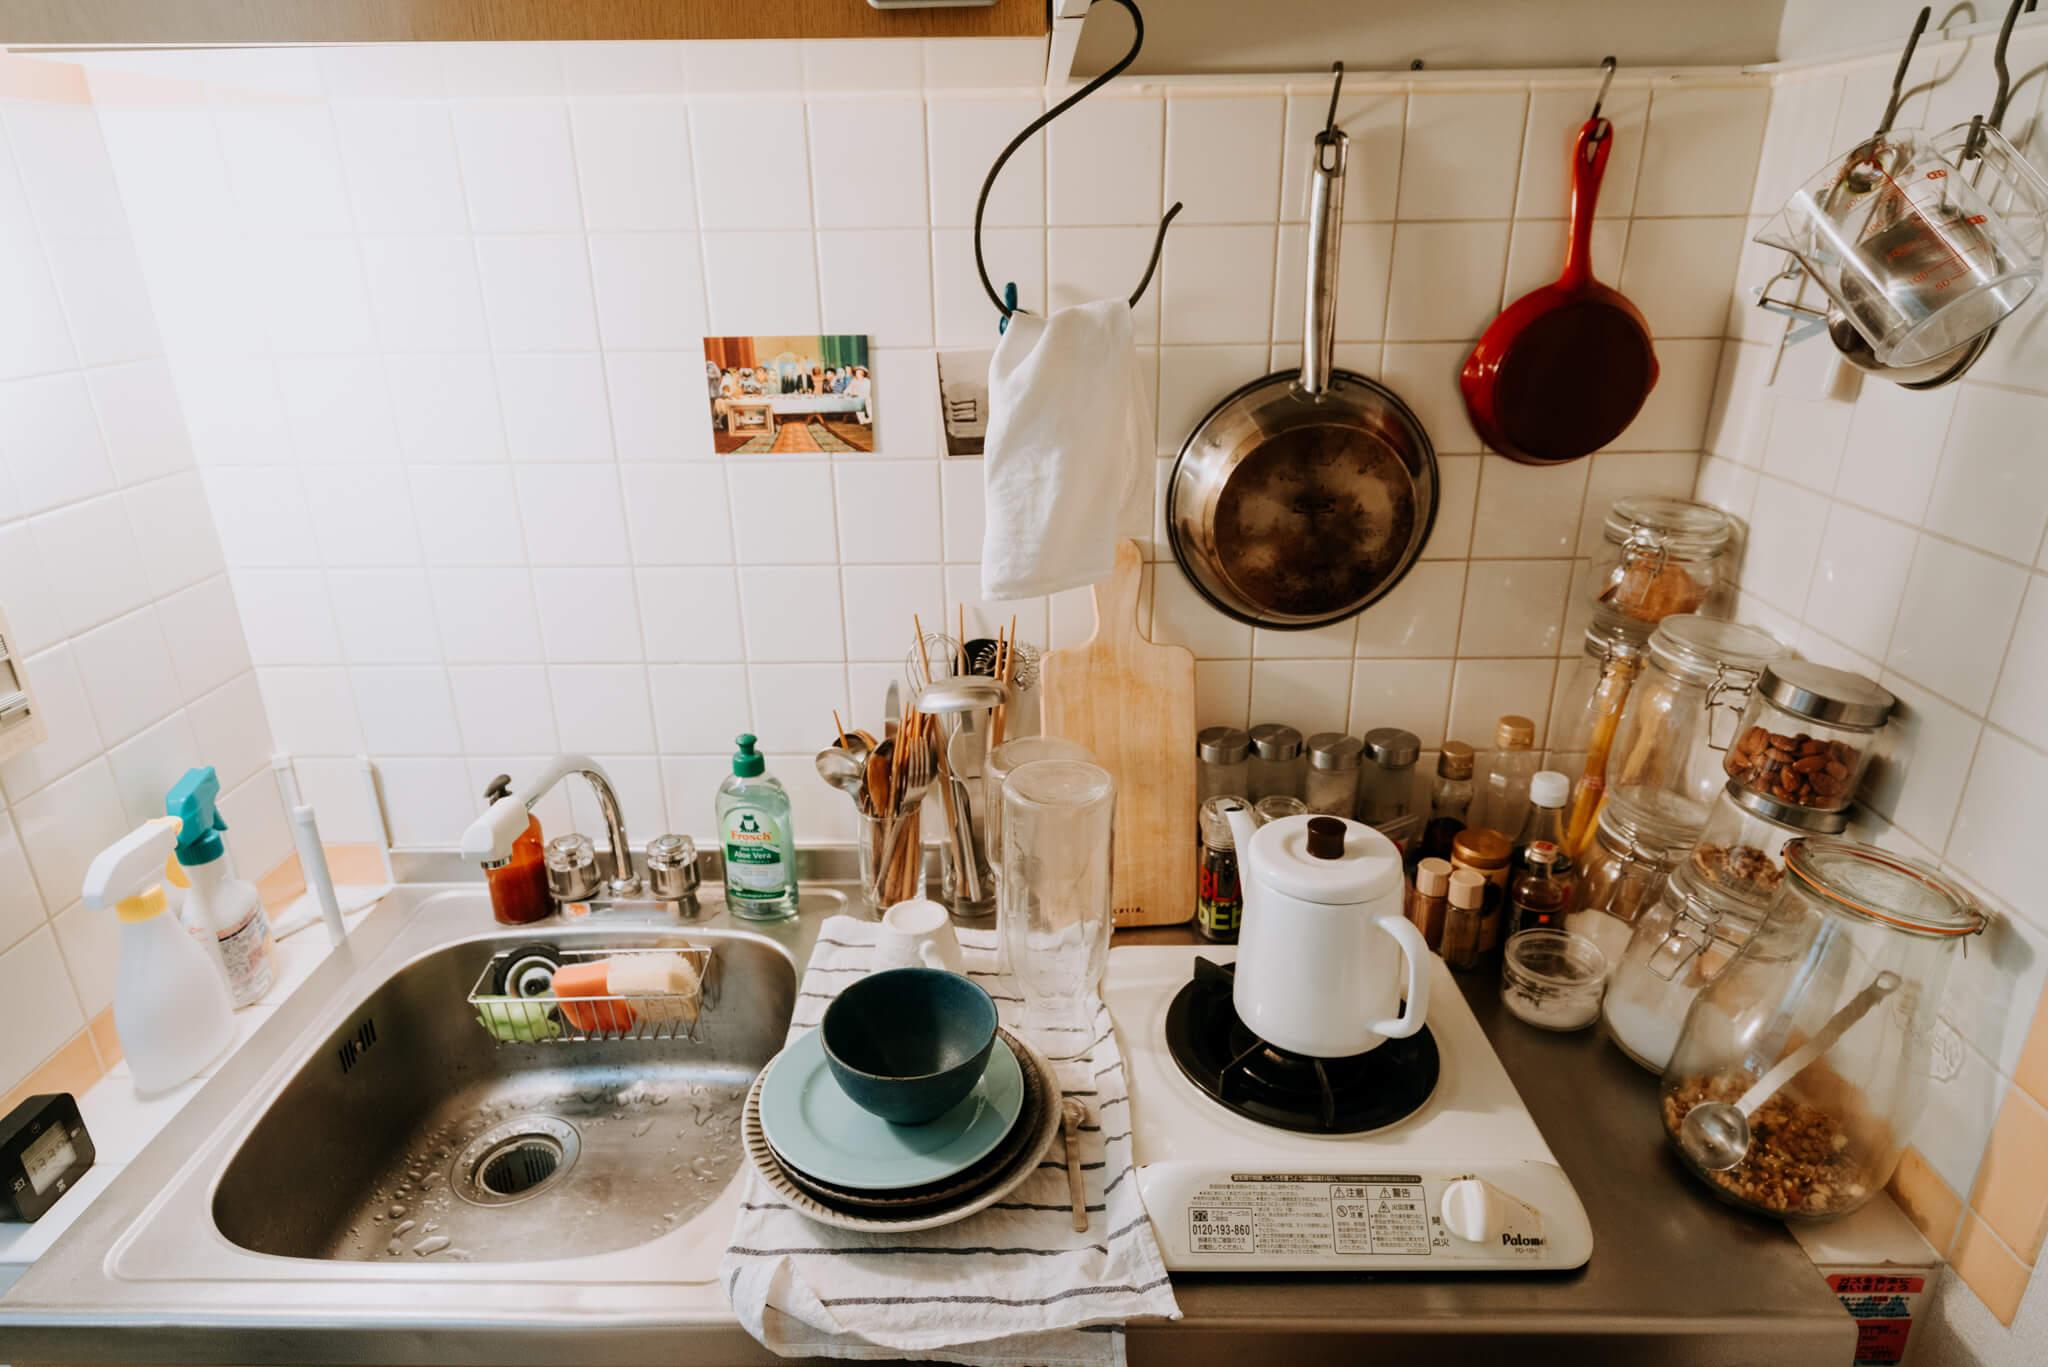 幅のコンパクトな一人暮らし用のキッチンで、上手に収納されている方の事例。砂糖や塩だけでなく、ナッツやグラノーラを瓶に詰めて収納。瓶の天井部が平らなので、上に重ねて収納できるところもポイントです。